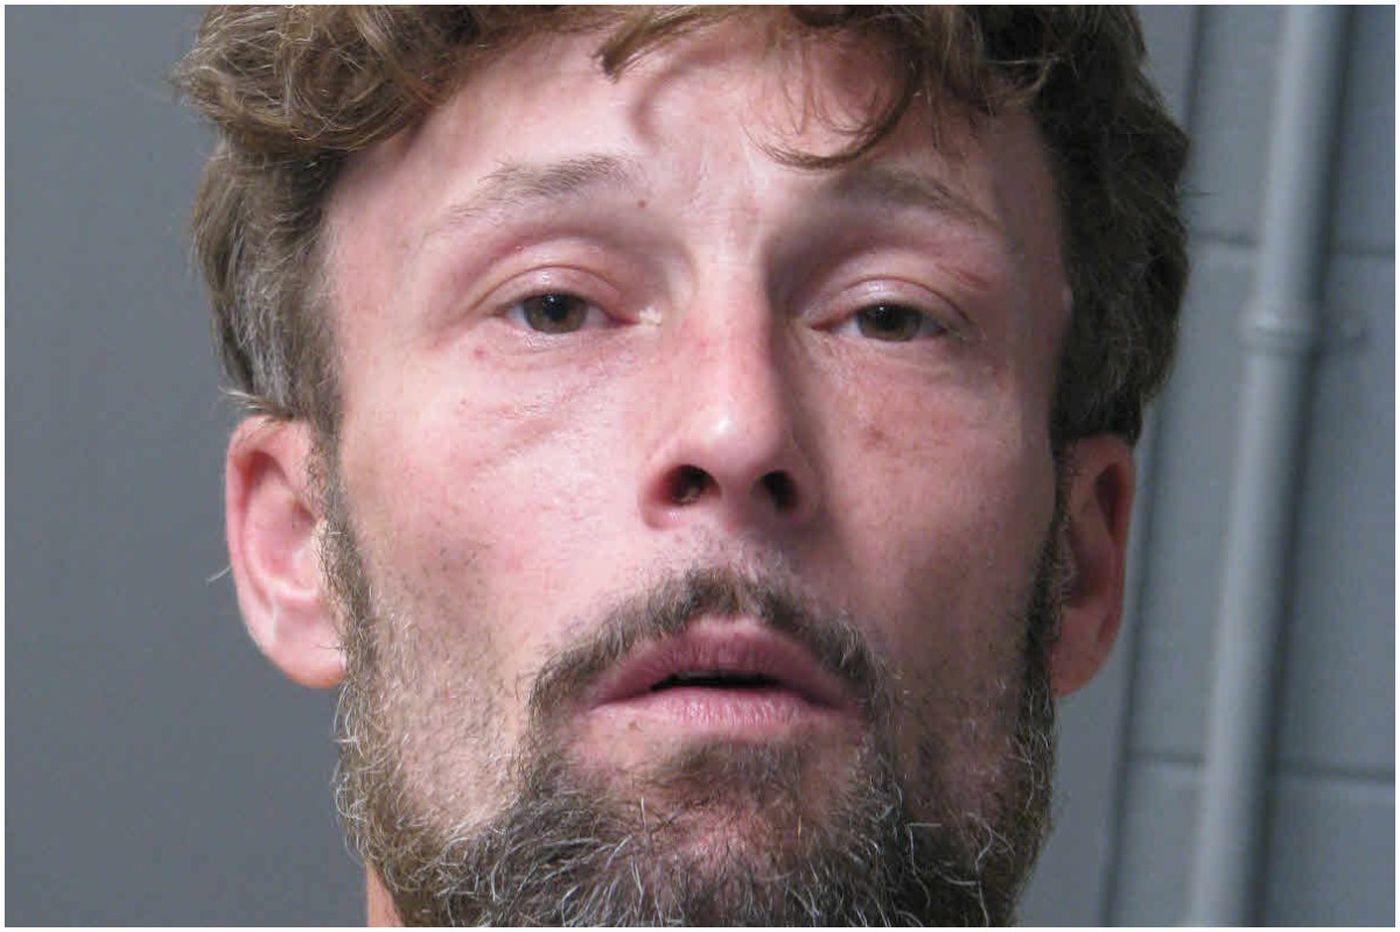 DA: Knife-wielding Bucks man kept girlfriend hostage in police standoff